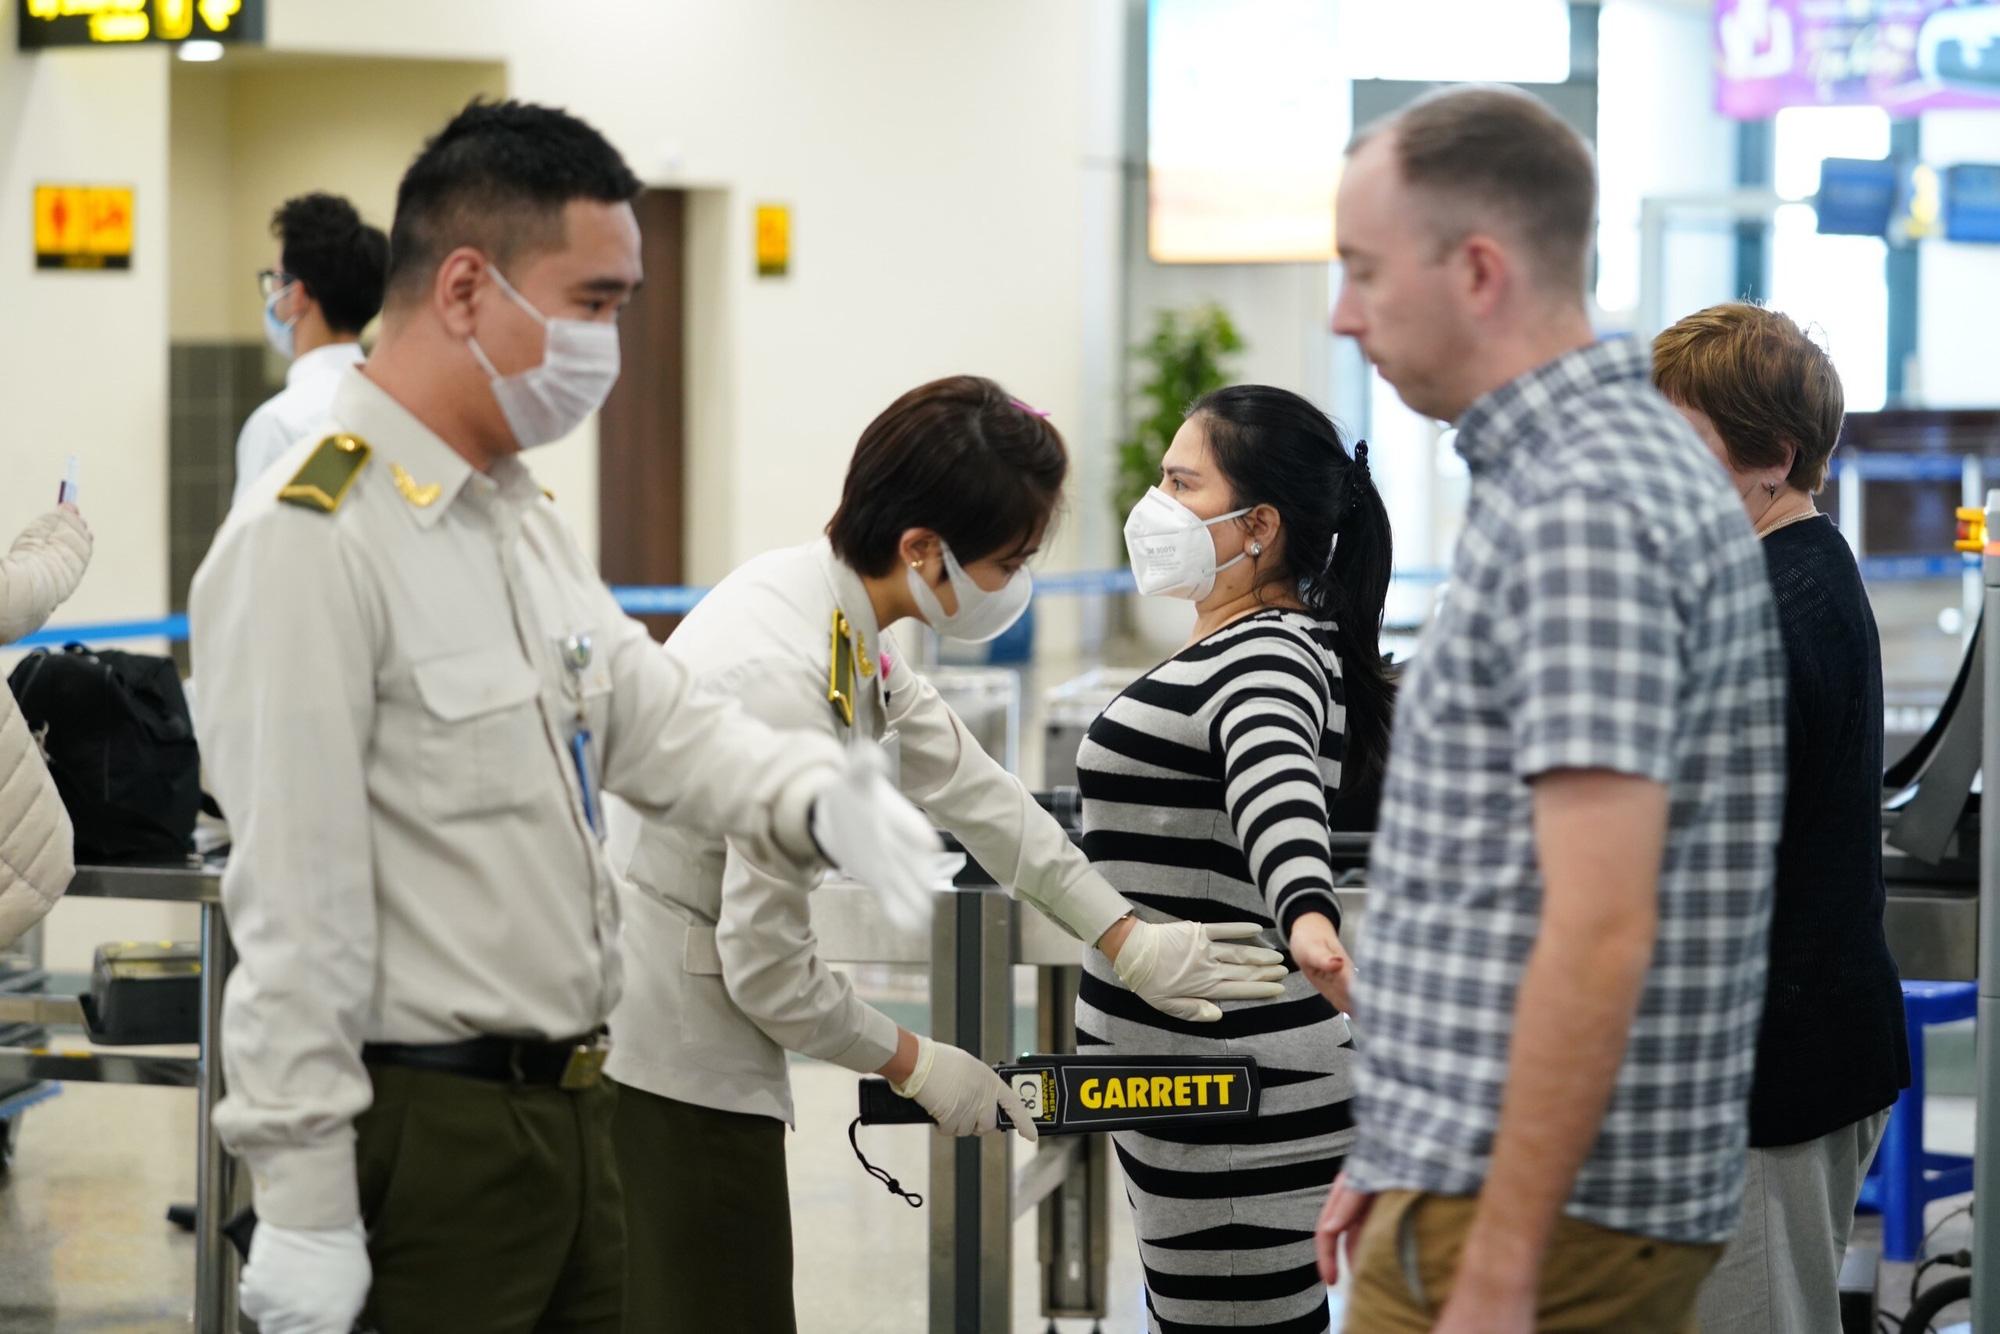 Hãng hàng không mất gần 40% khách quốc tế trong tháng 2 - Ảnh 1.